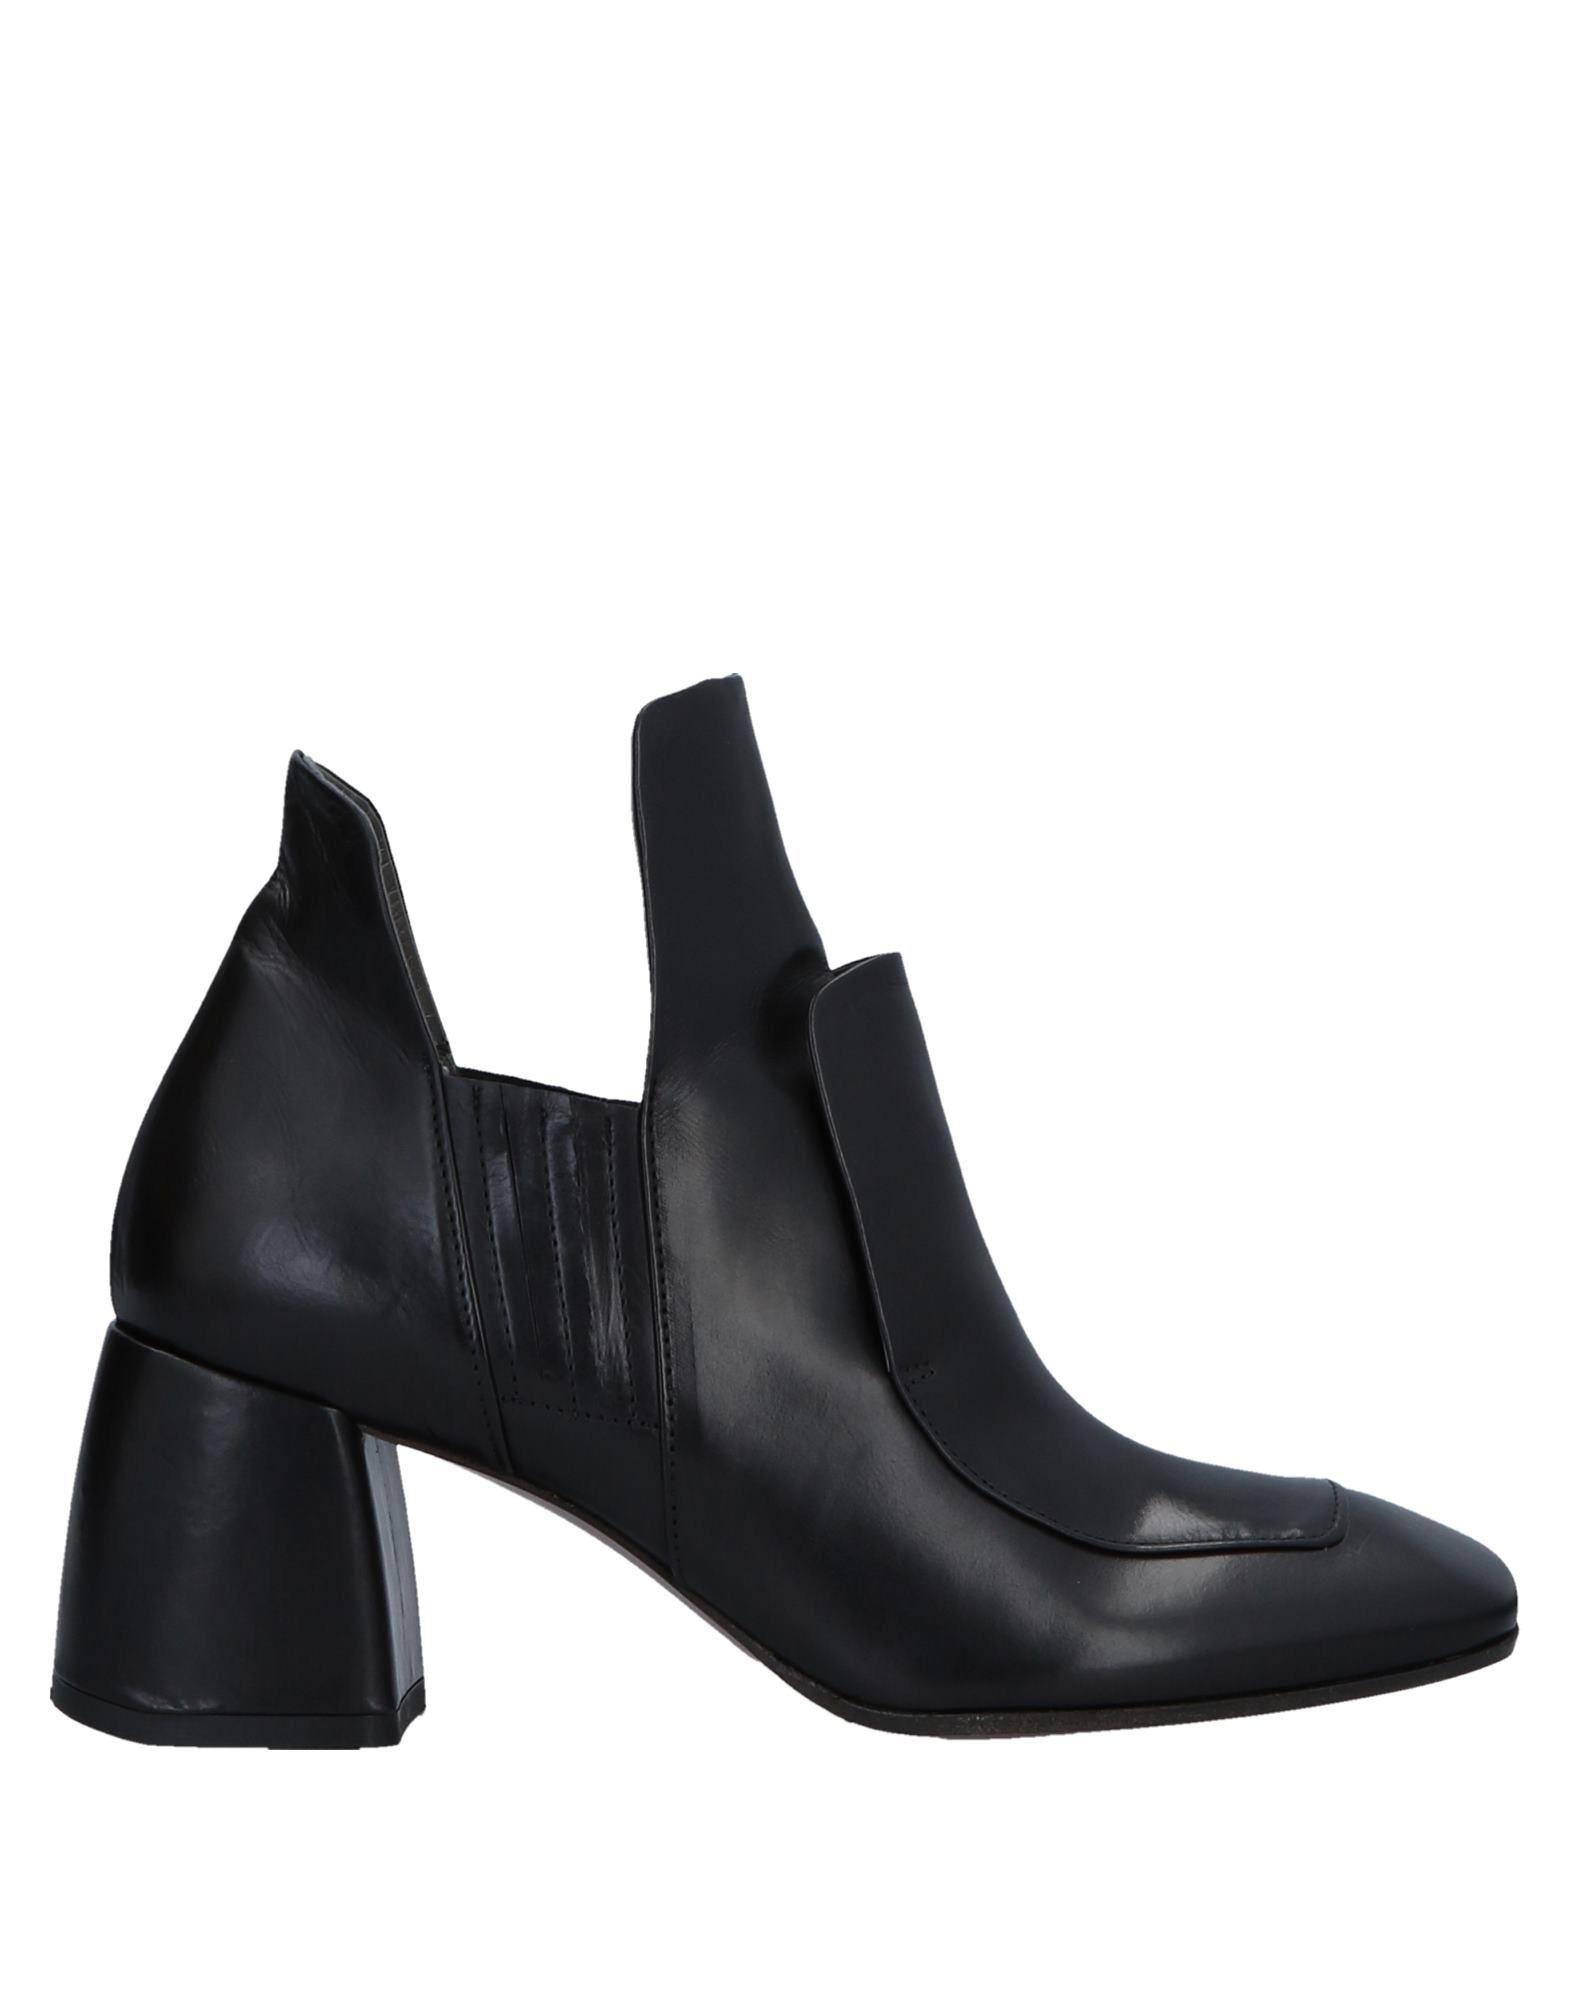 Ixos Stiefelette Damen  11529546NLGut aussehende strapazierfähige Schuhe